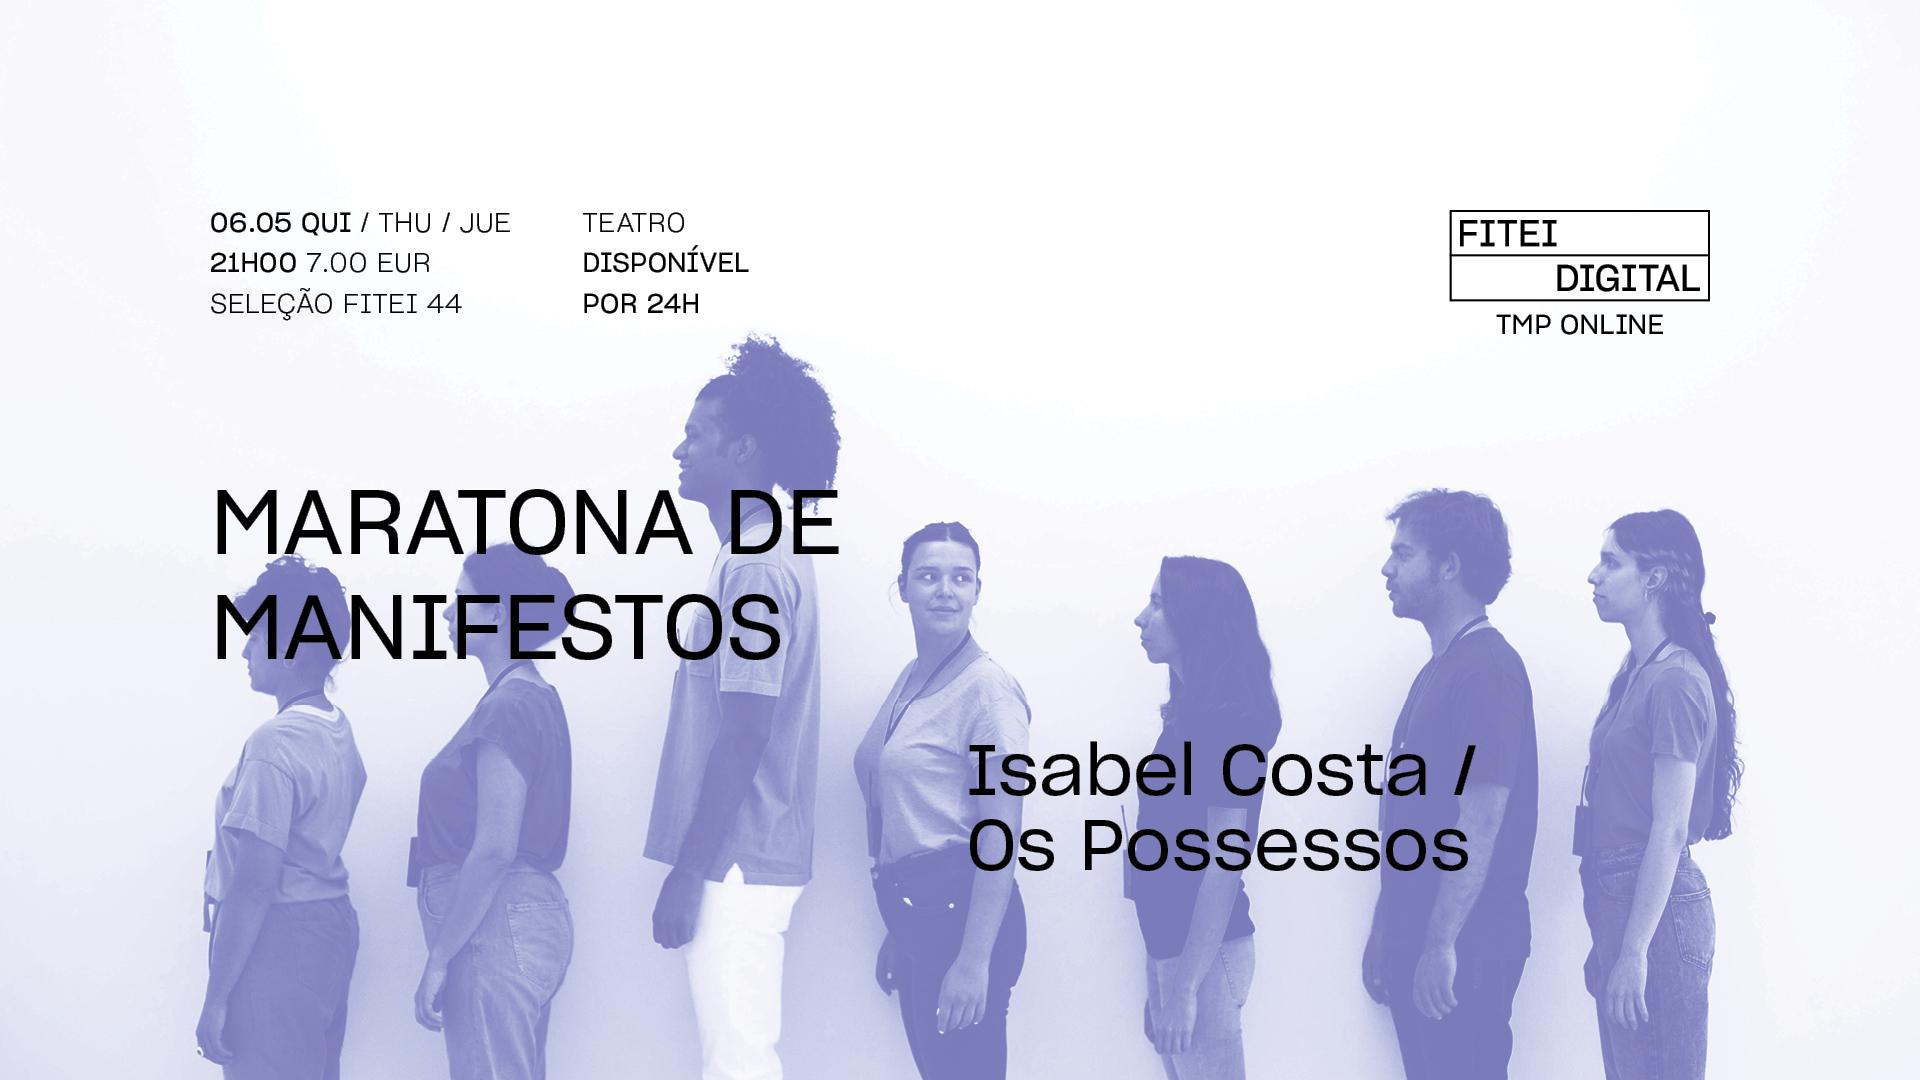 Maratona de Manifestos • ISABEL COSTA / OS POSSESSOS   FITEI Digital